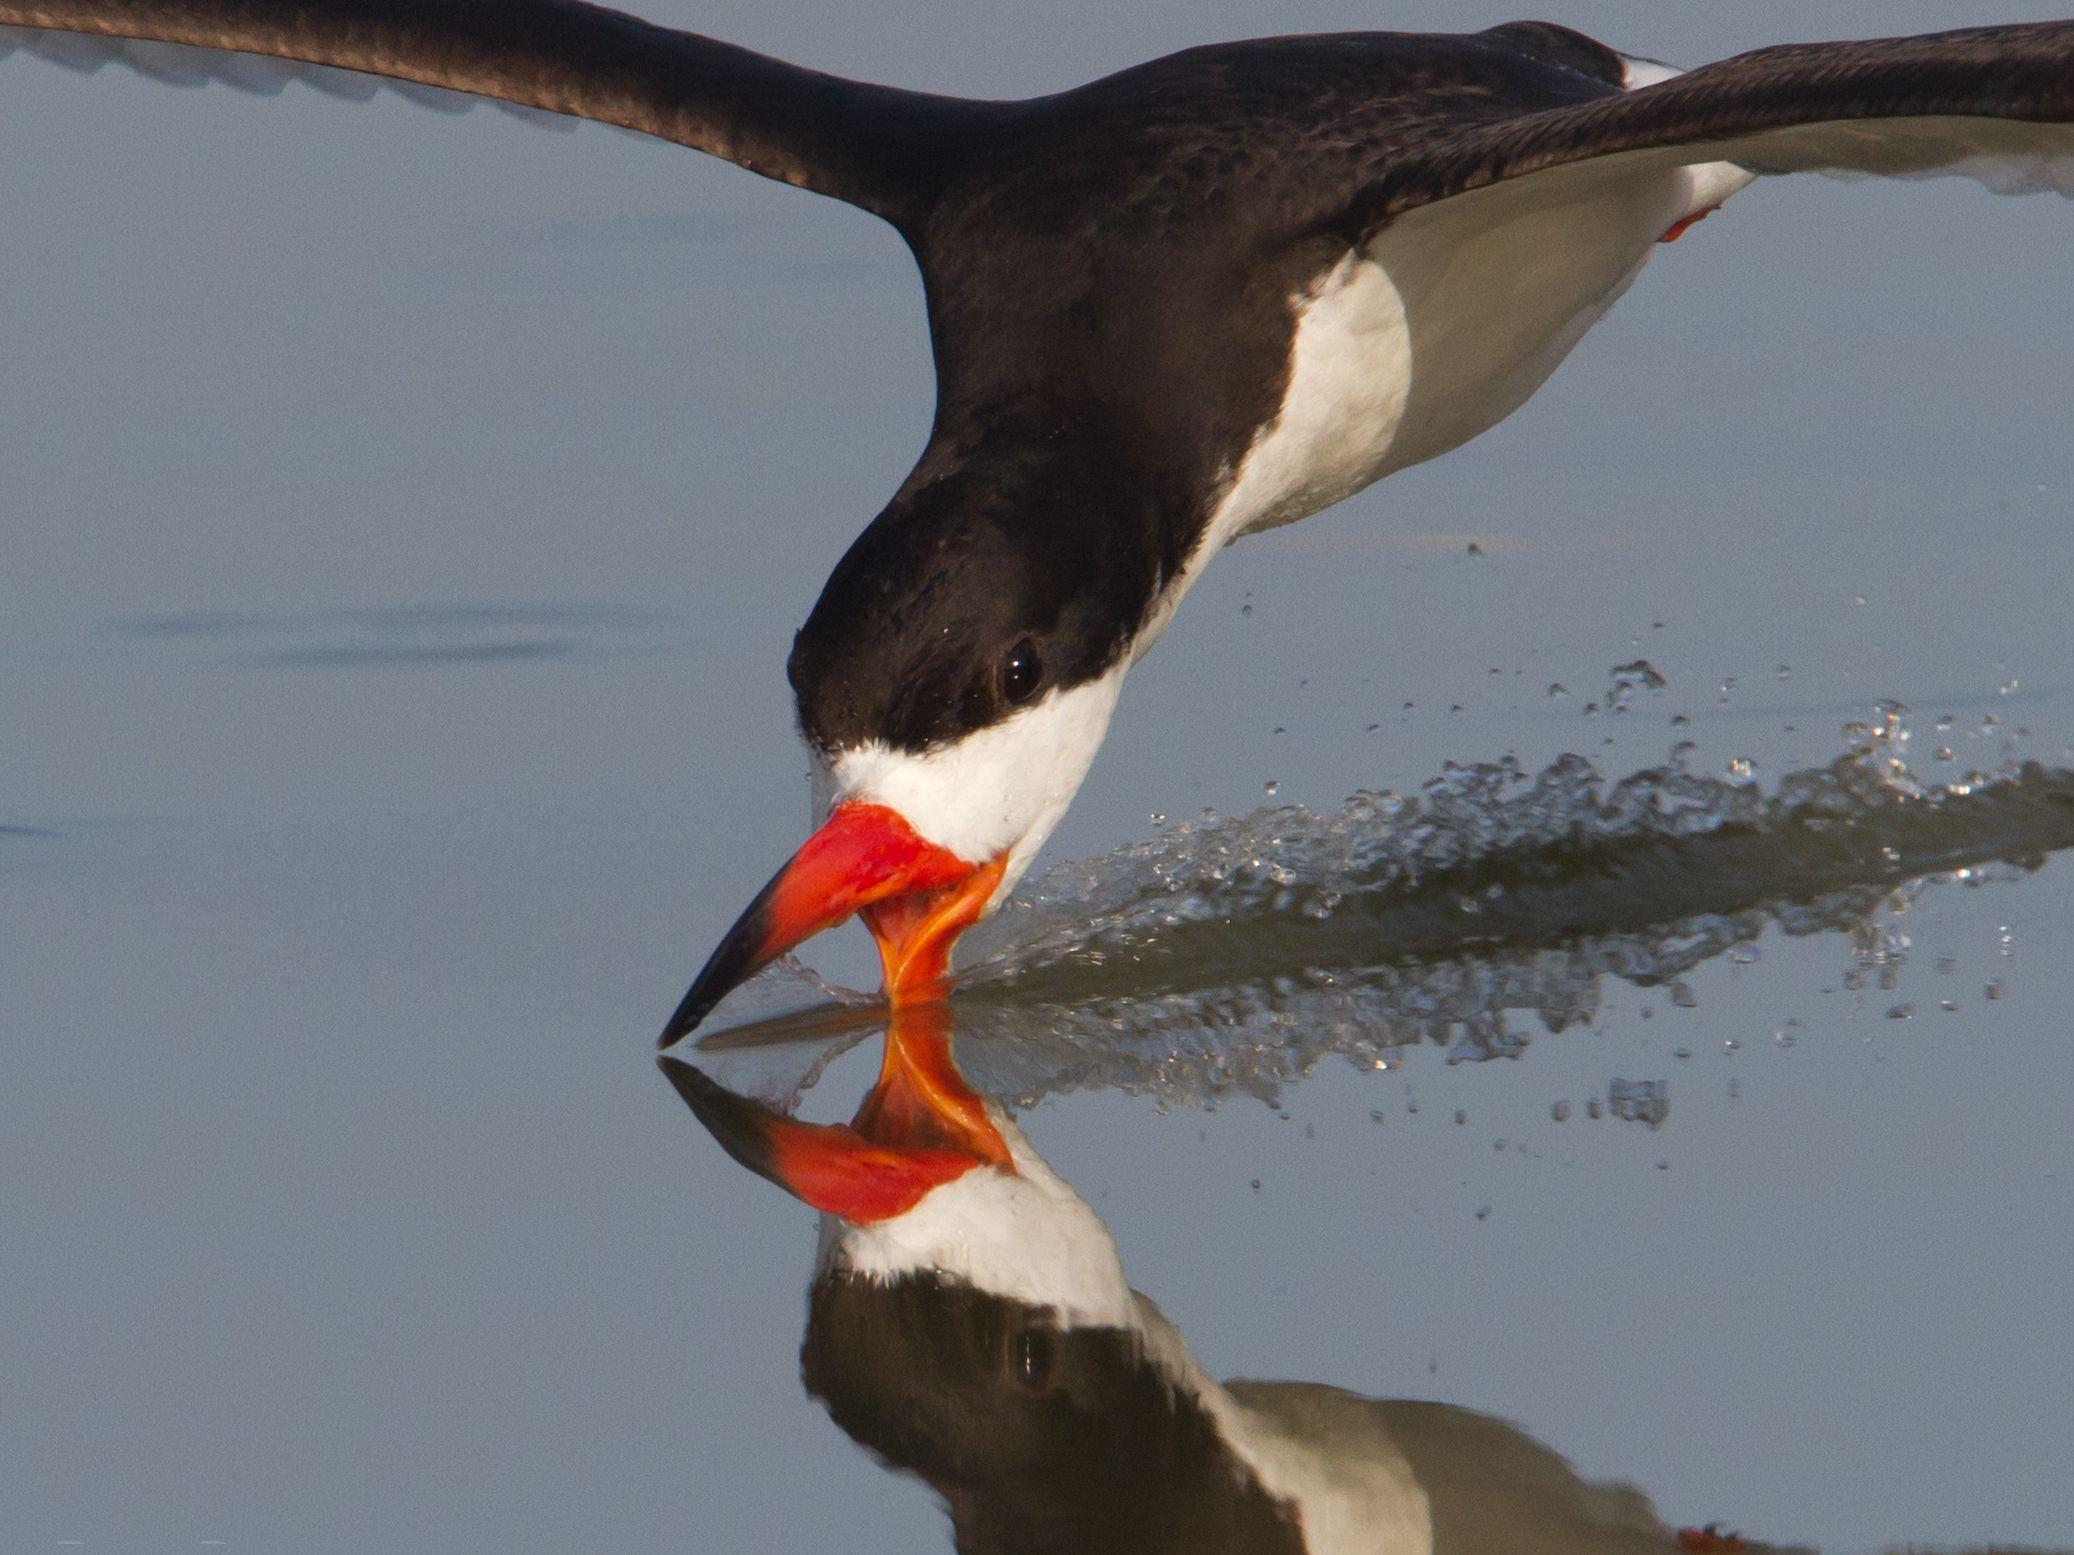 معلومات عن طائر الكشاط Black-skimmers-are-migratory-birds.-They-spend-winter-on-the-Caribbean-and-on-the-subtropical-coasts-of-Pacific-Ocean.